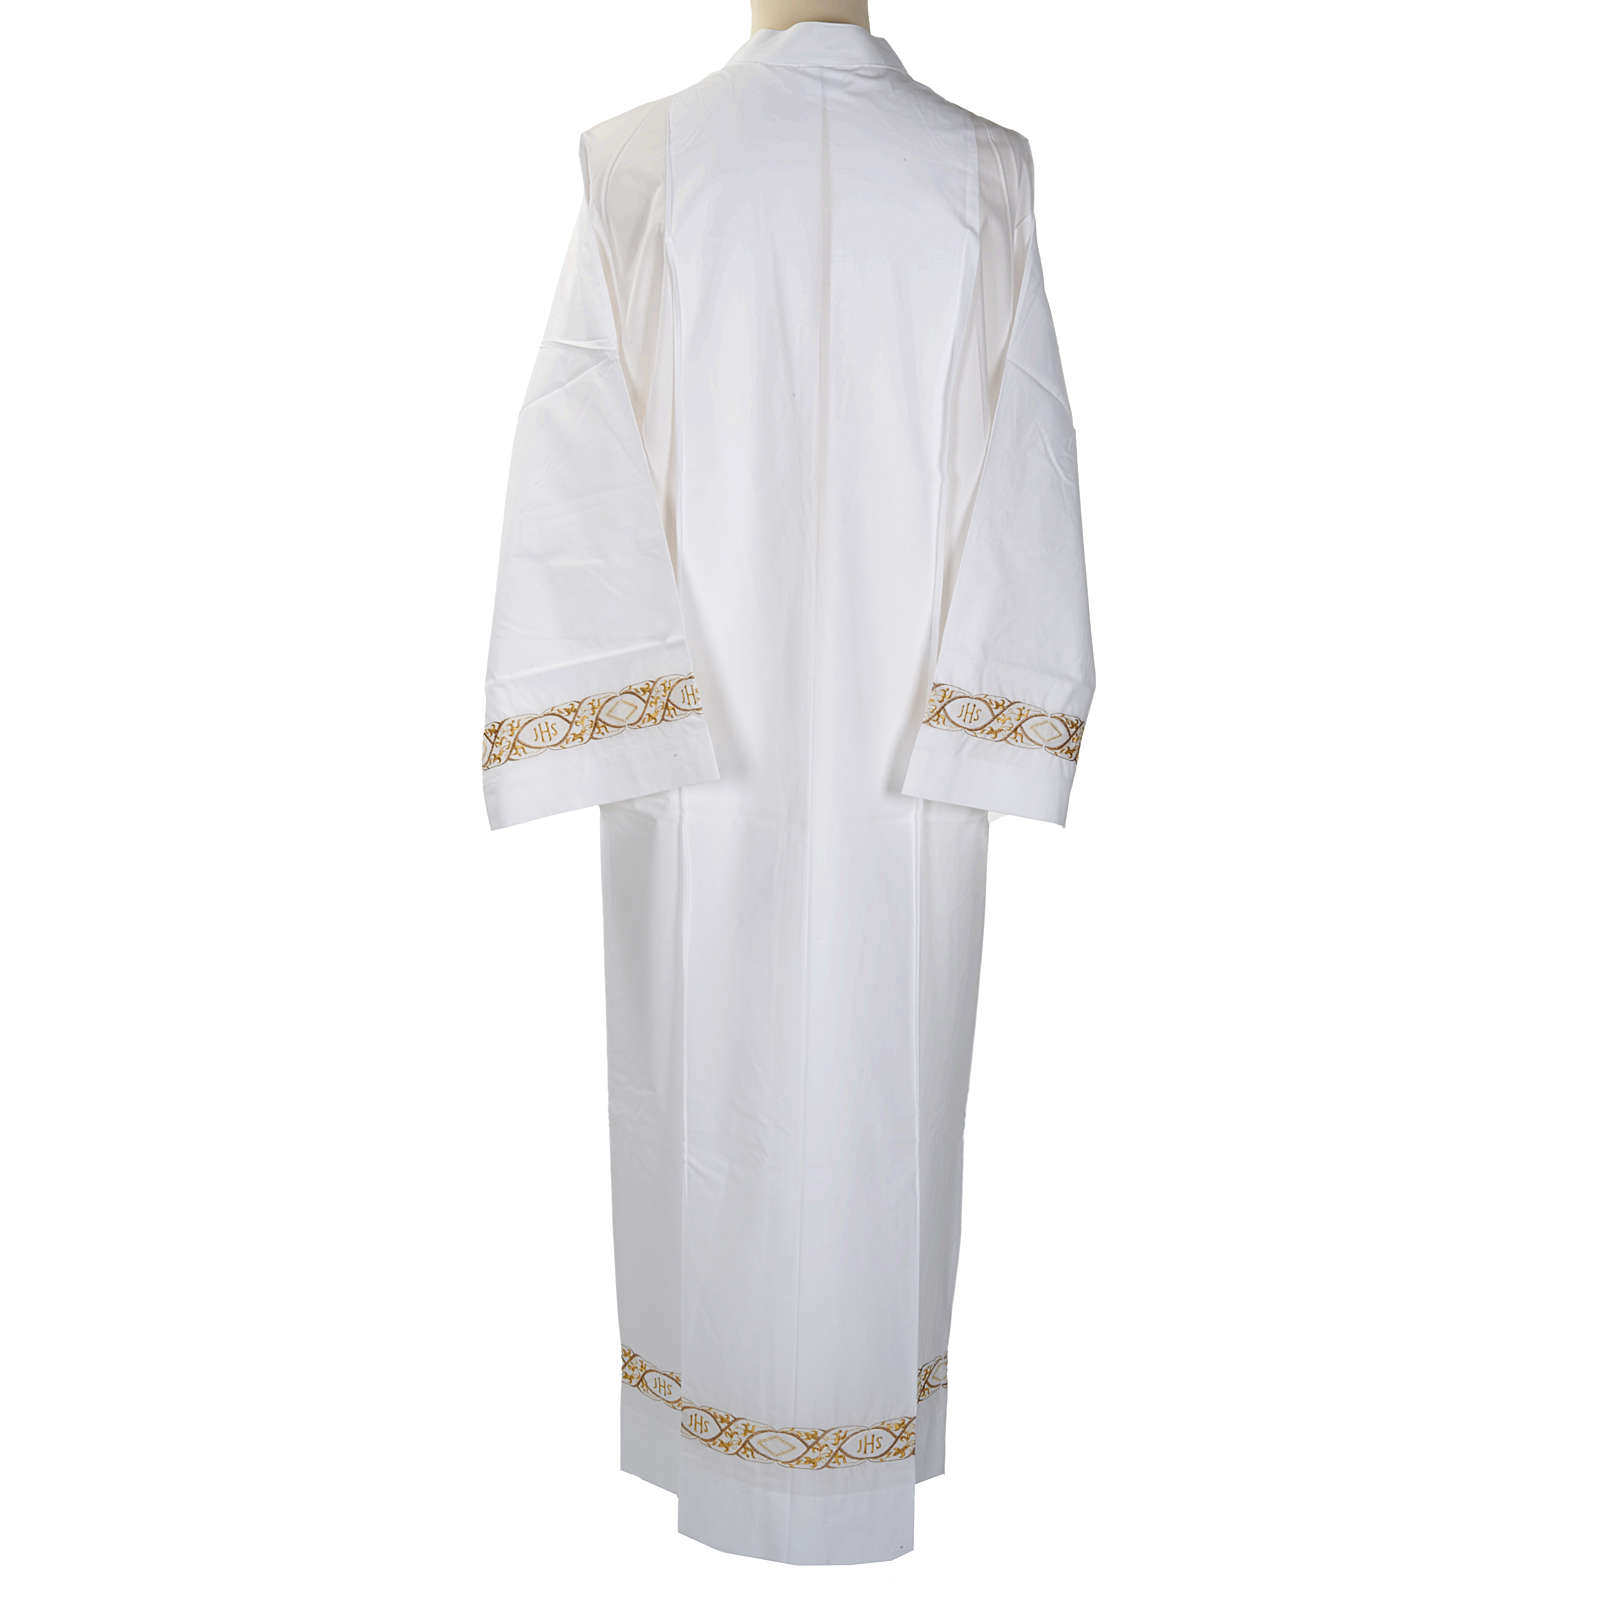 Camice bianco cotone decoro IHS 4